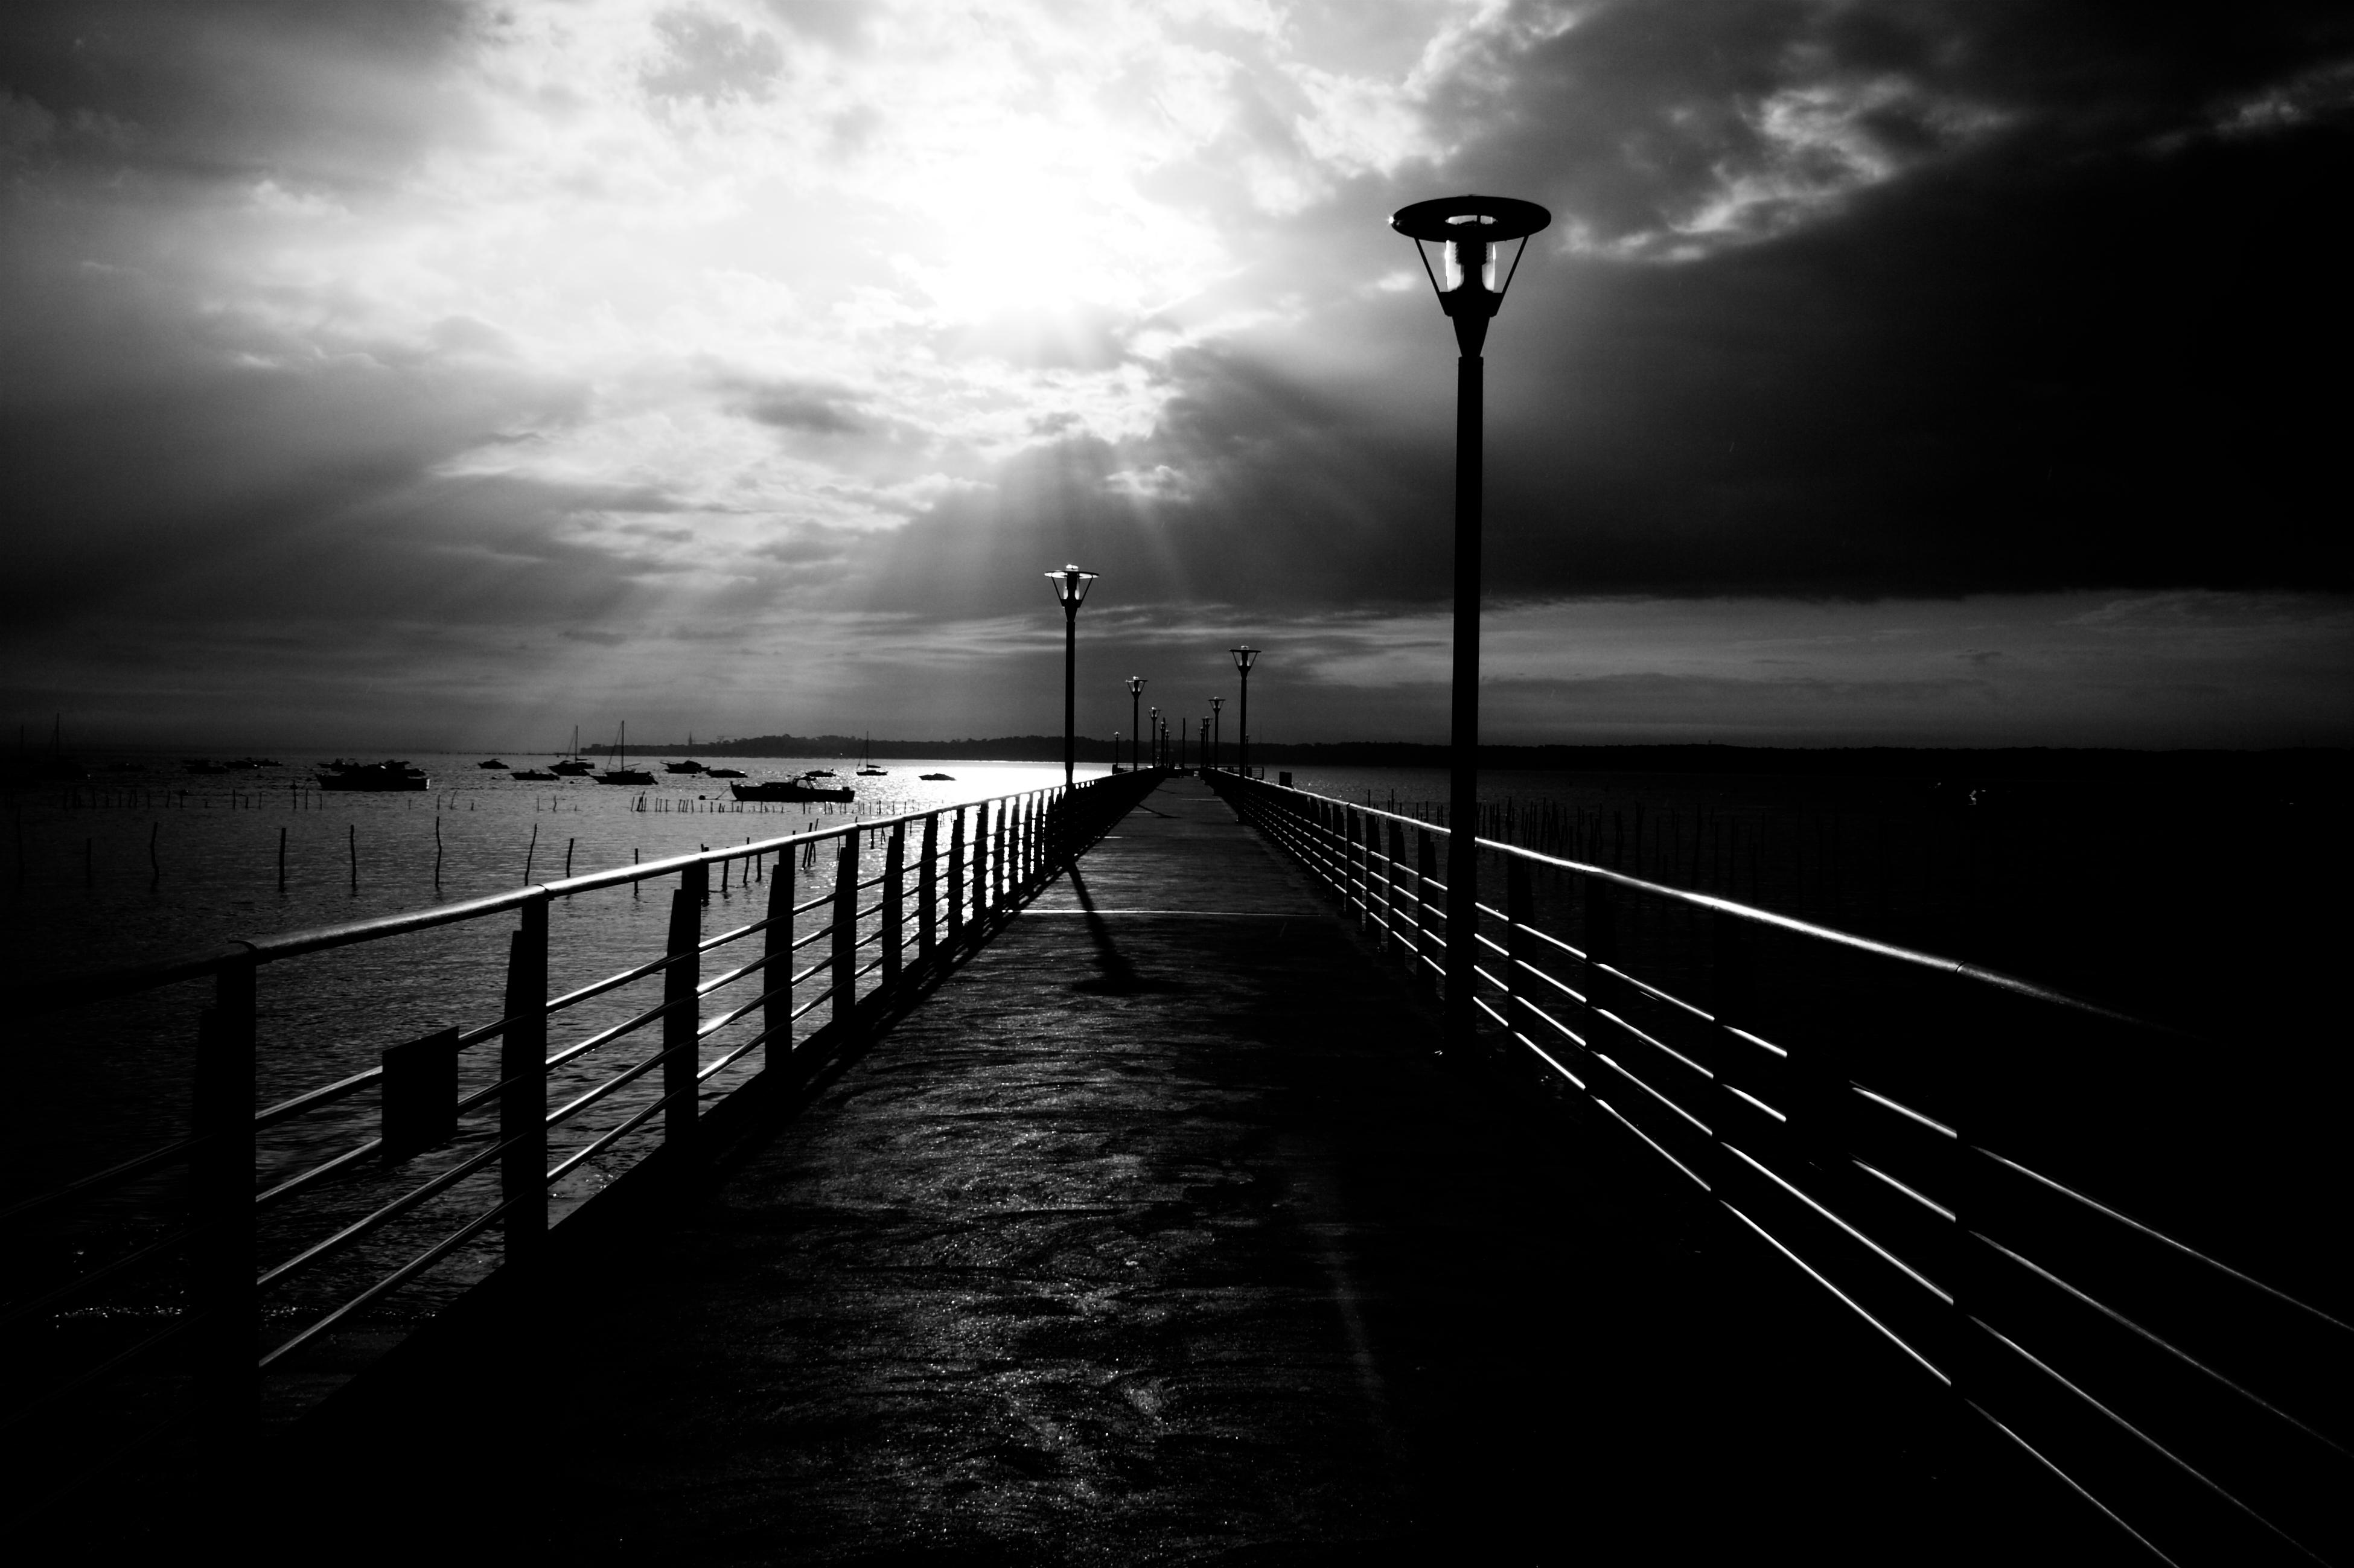 95878 Lade kostenlos Schwarz Hintergrundbilder für dein Handy herunter, Sea, Seebrücke, Pier, Frankreich, Bw, Chb, Saint-Jean-Cap-Ferra, Saint-Jean-Cap-Ferrat Schwarz Bilder und Bildschirmschoner für dein Handy